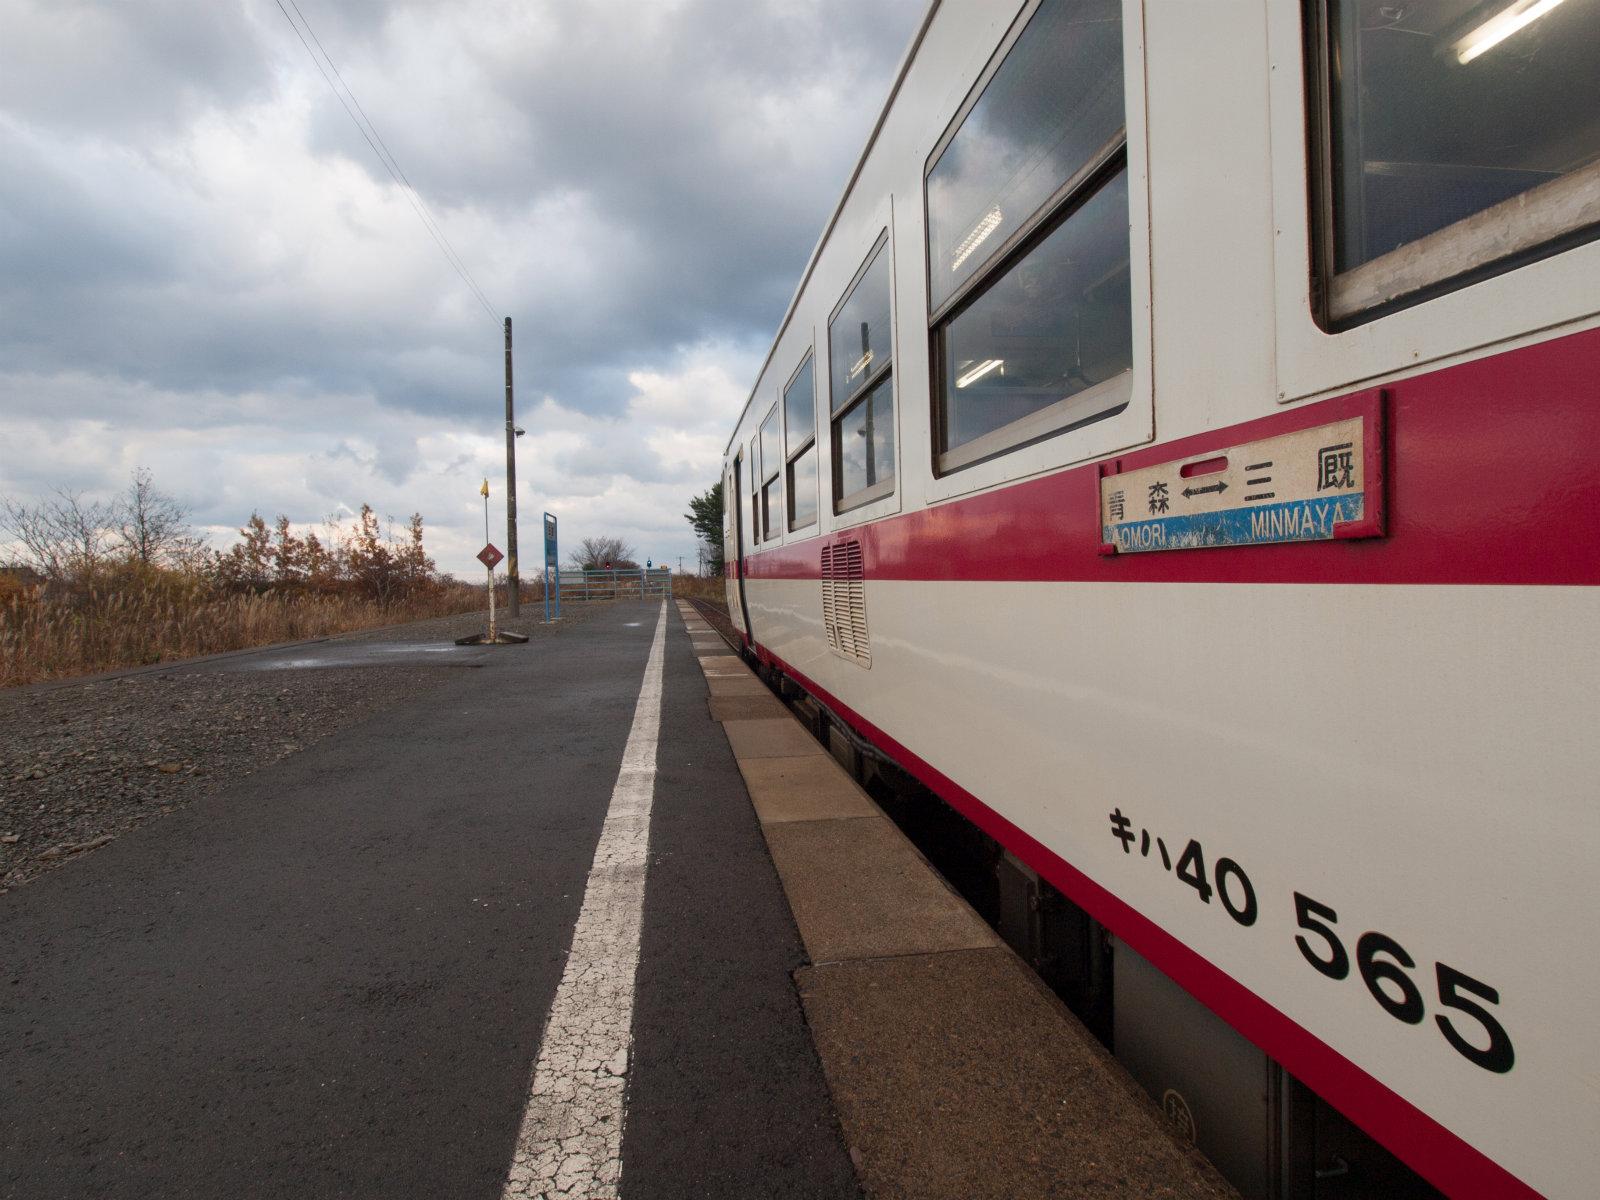 プレートの示す行き先は「青森」。三厩駅から青森駅までは1時間半の旅路です。